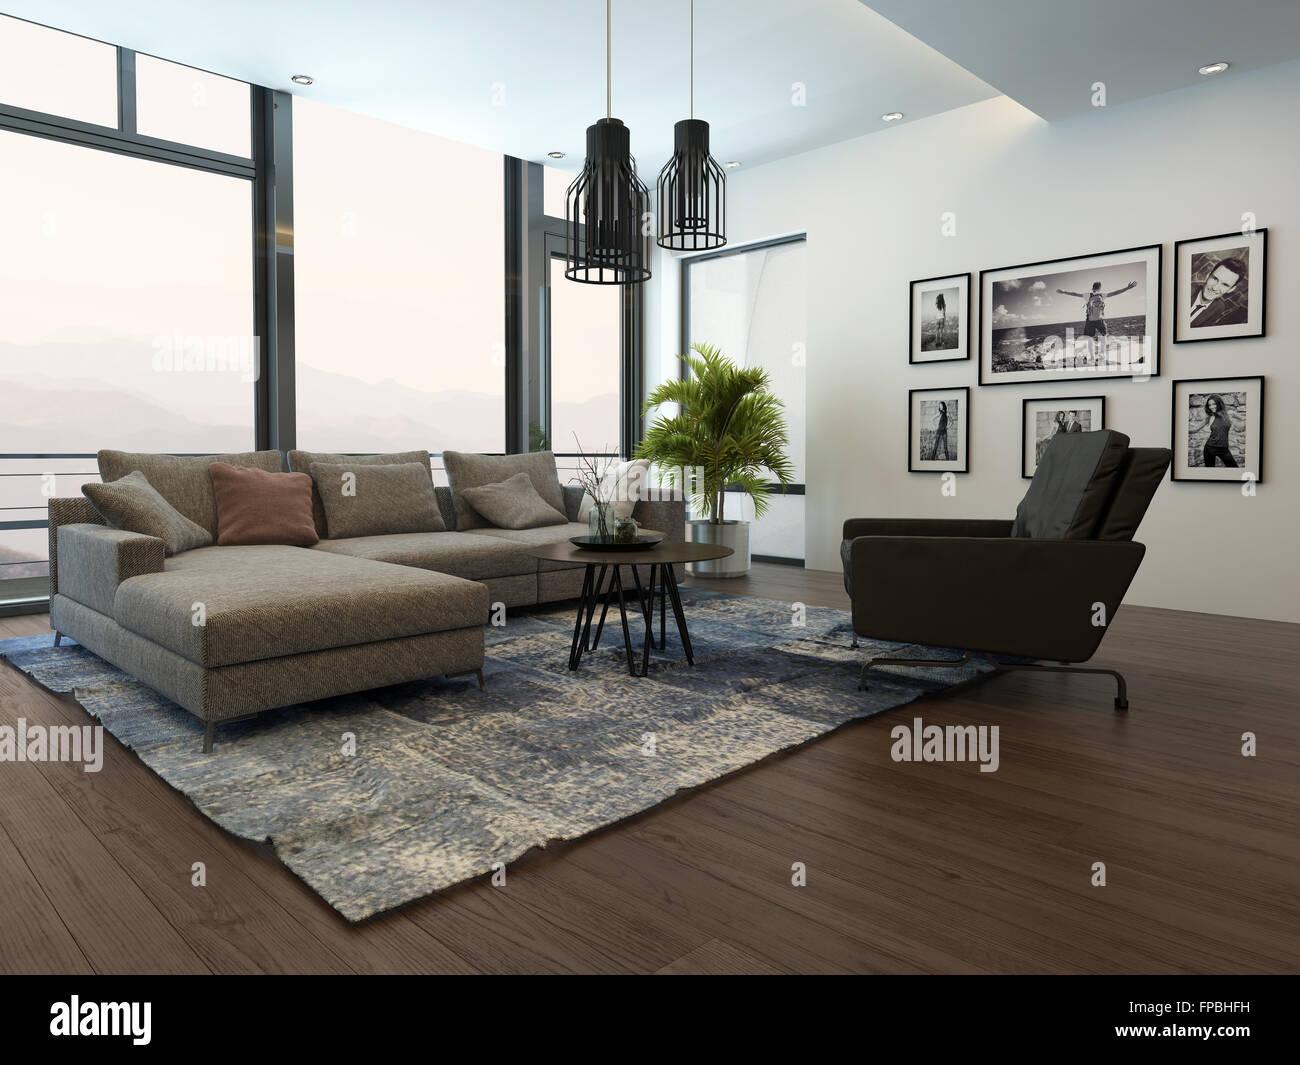 Moderne gemütliche Wohnzimmer Interieur mit grauen Couch ...